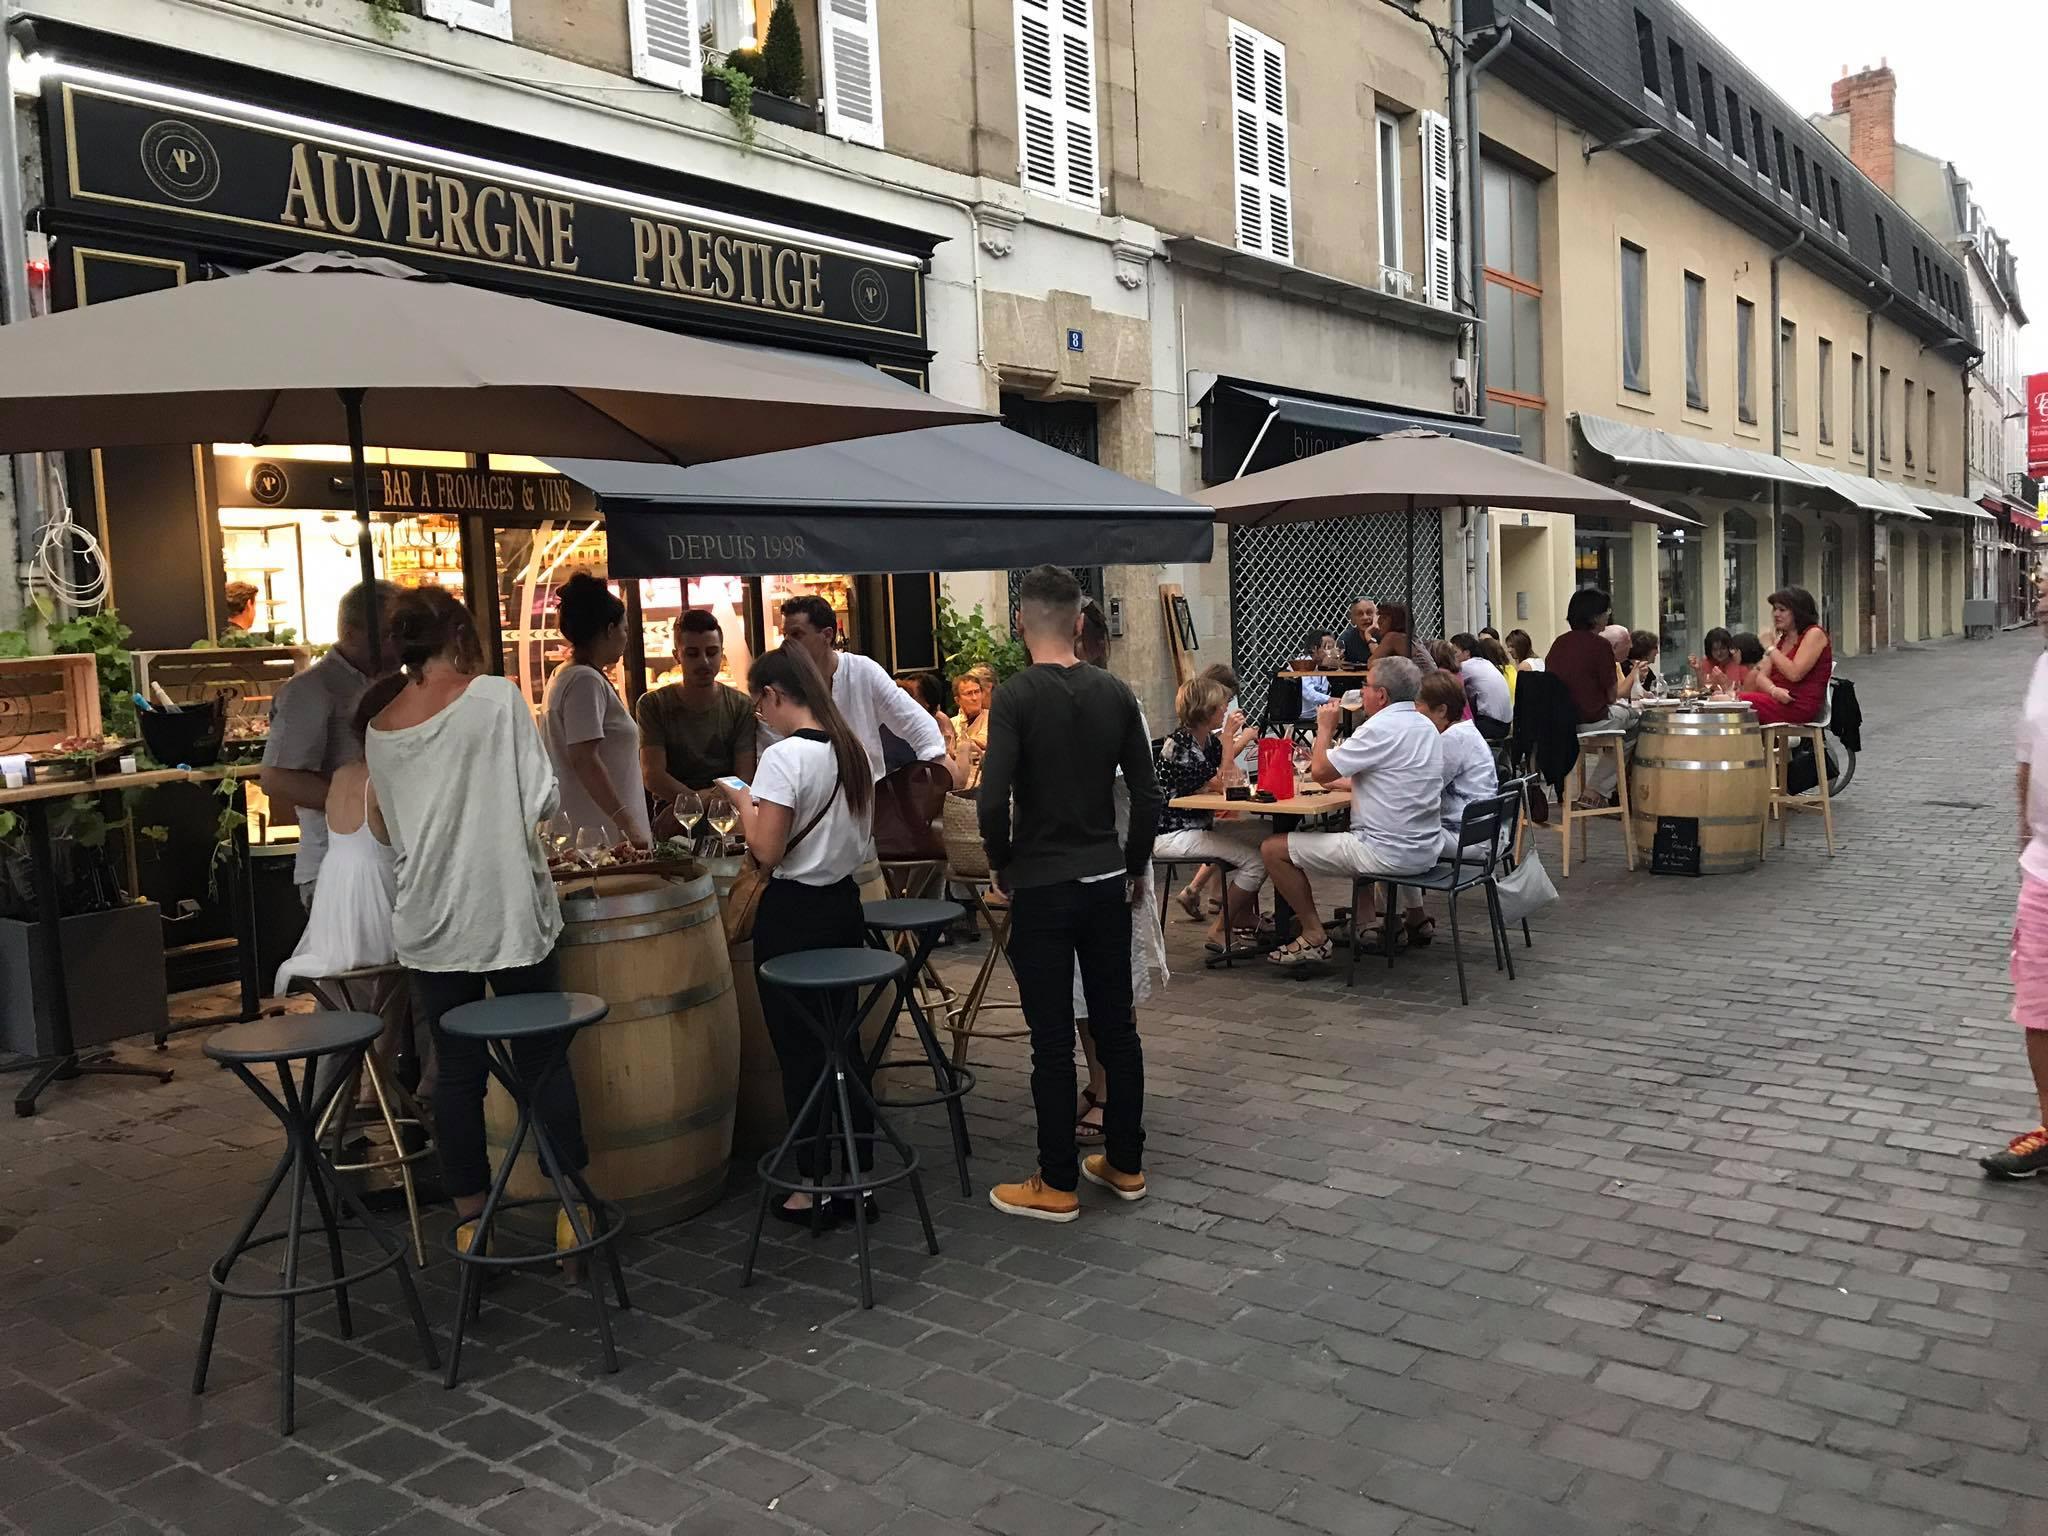 Auvergne Prestige Ⓒ Auvergne Prestige